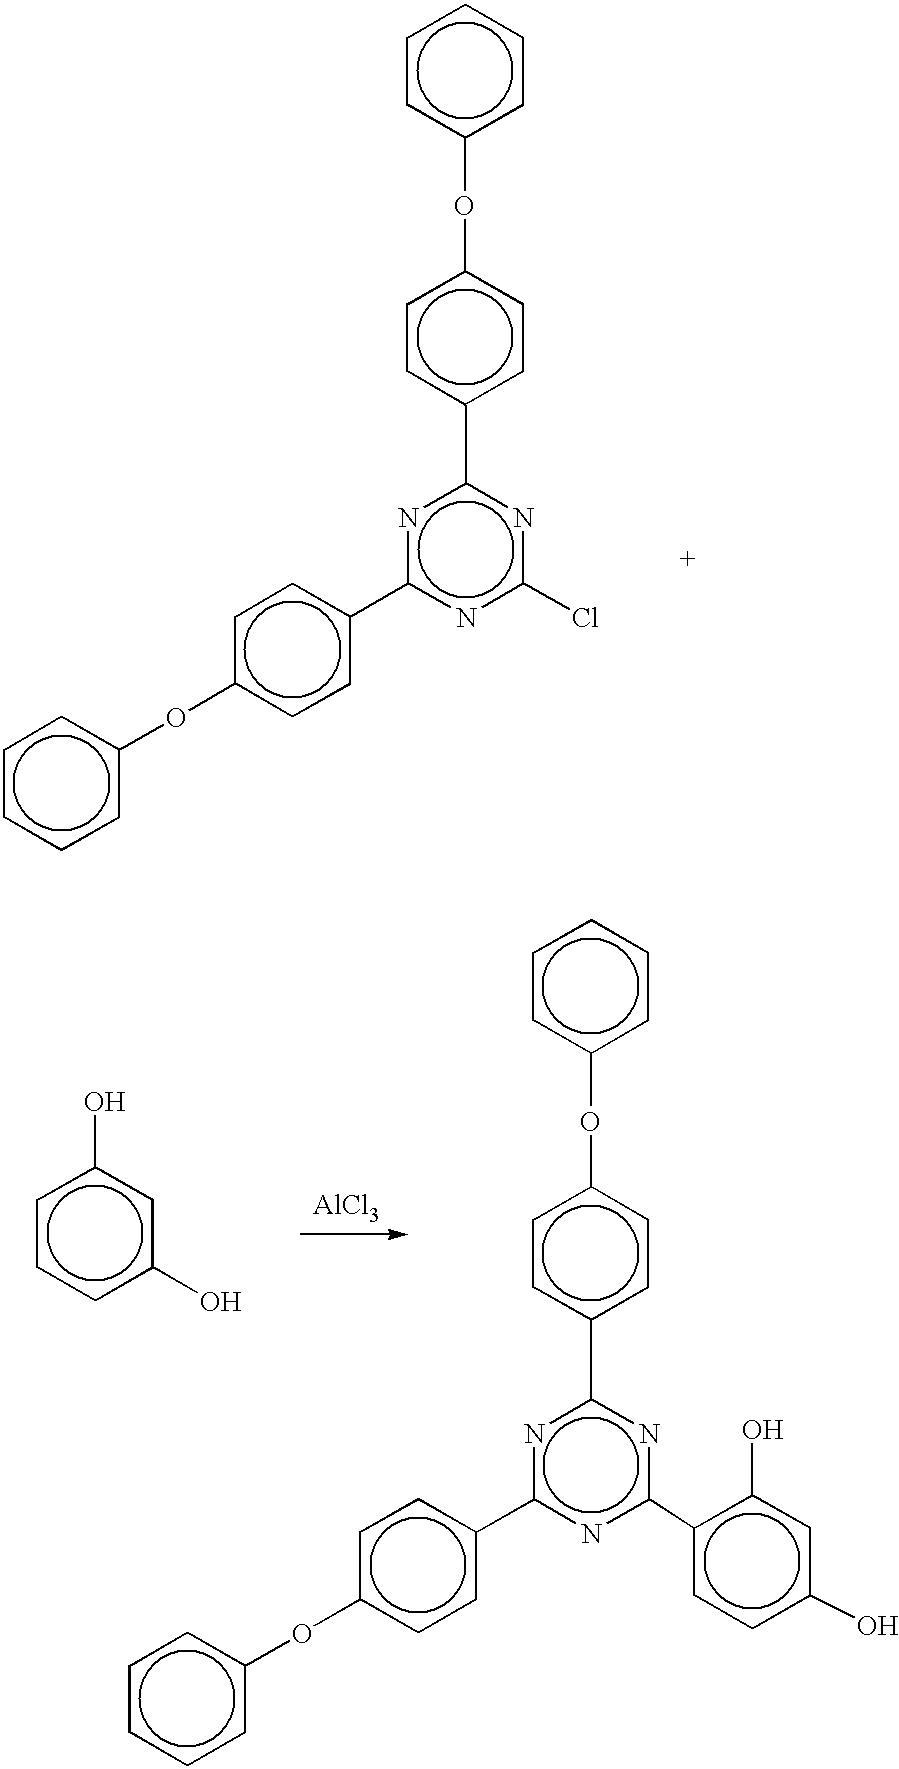 Figure US06855269-20050215-C00018